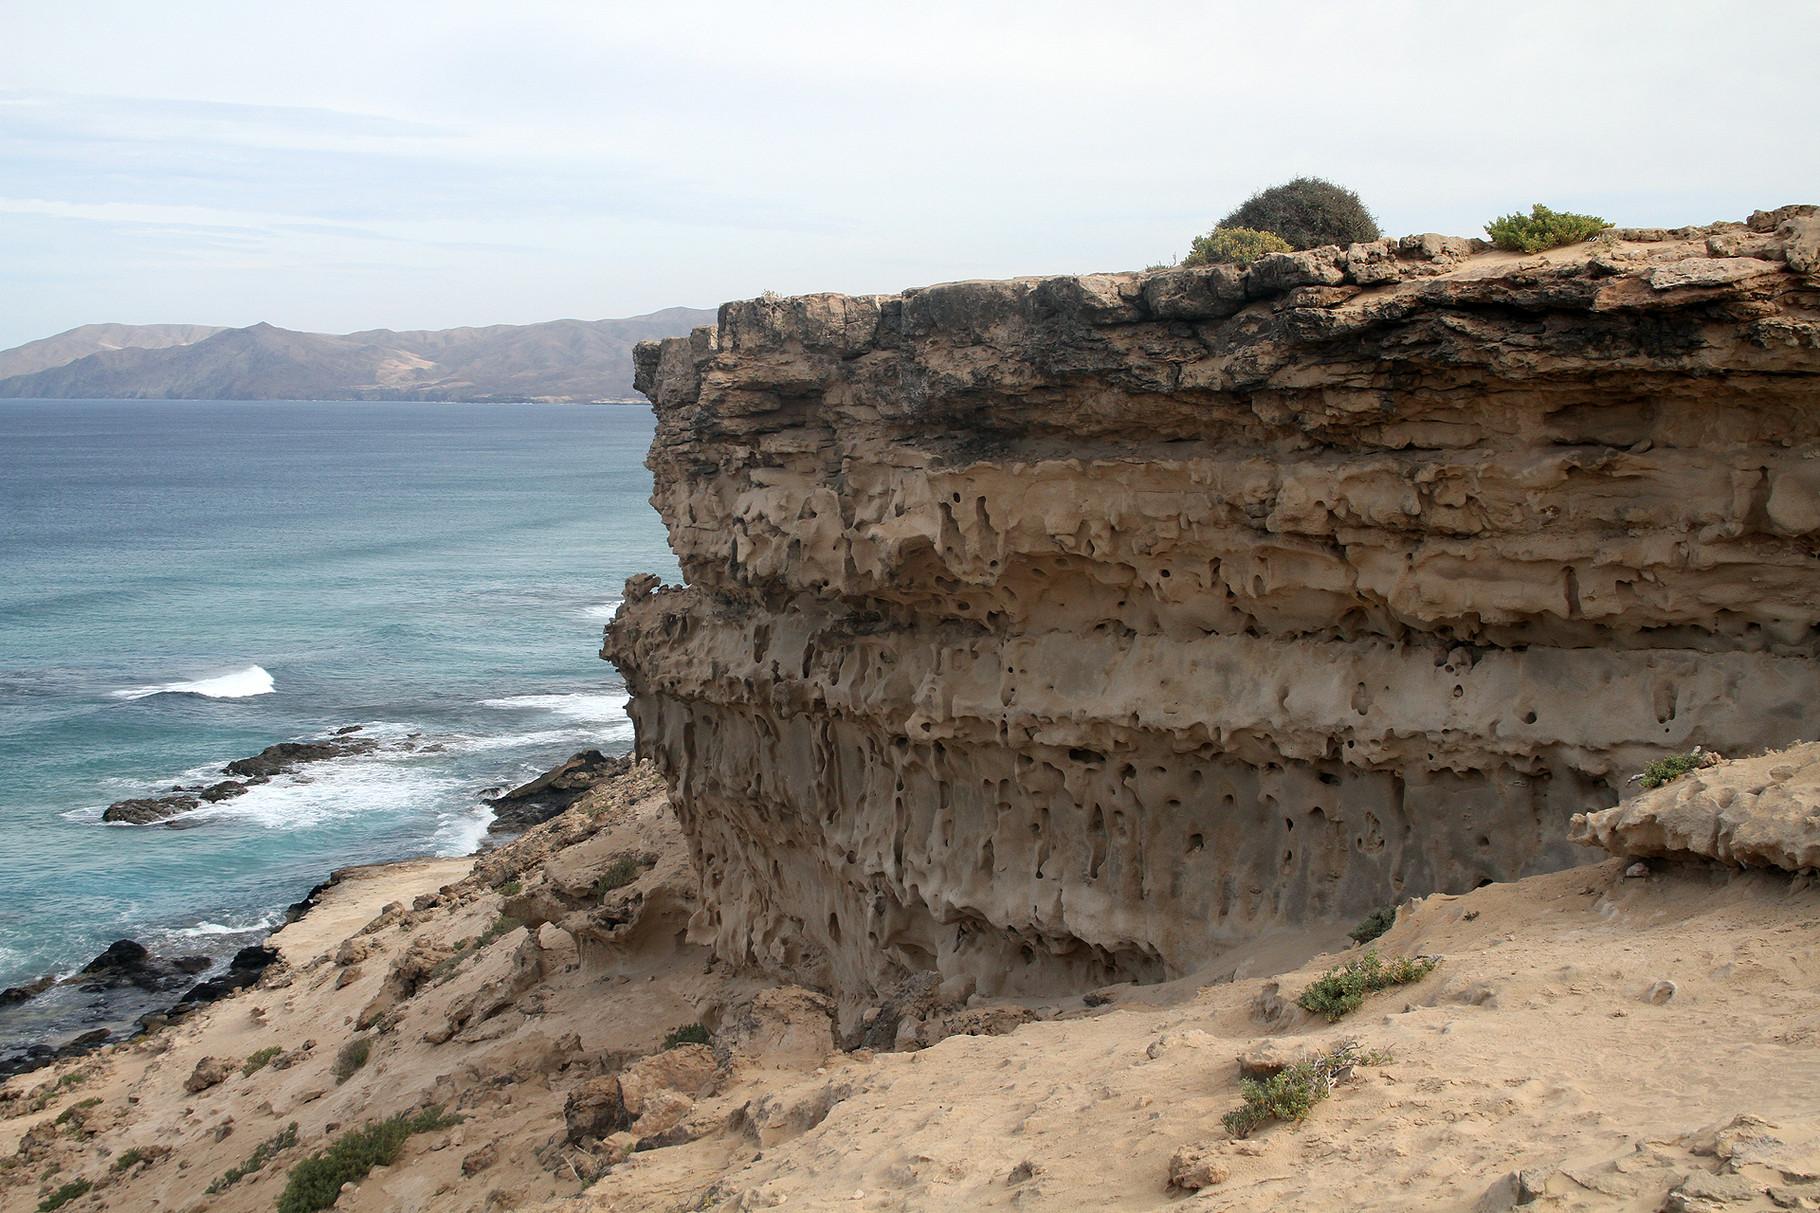 ... stossen Meer und Halbwüste unmittelbar aufeinander